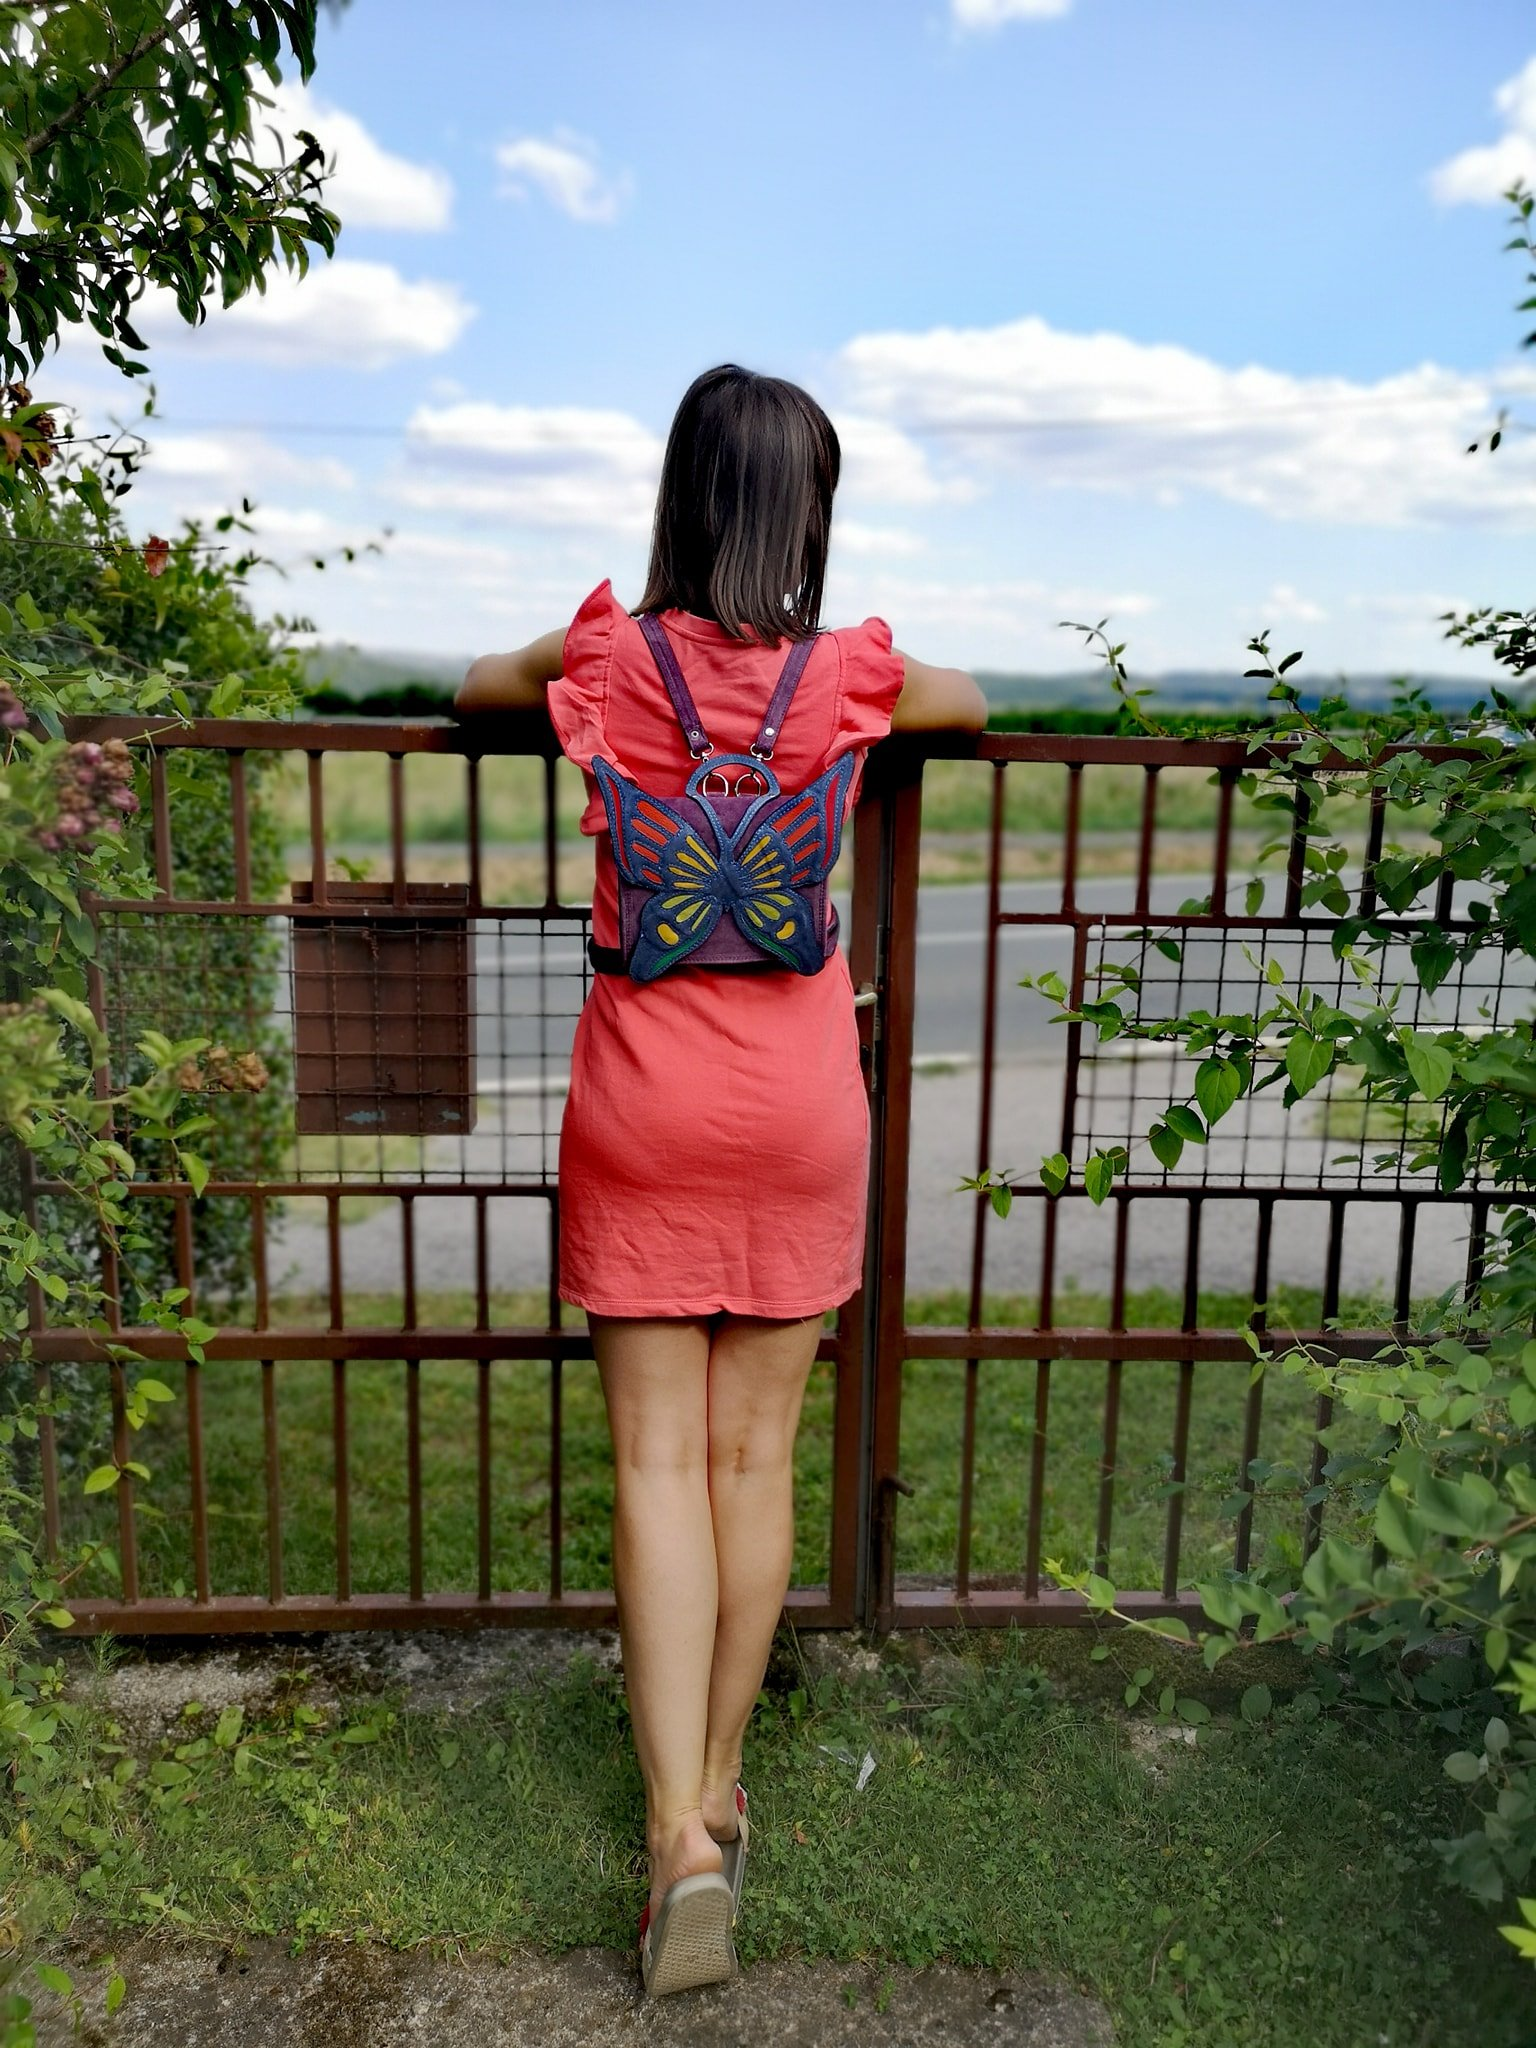 Unikatne torbice koje može nositi svatko: Lucija Vrcić bags!